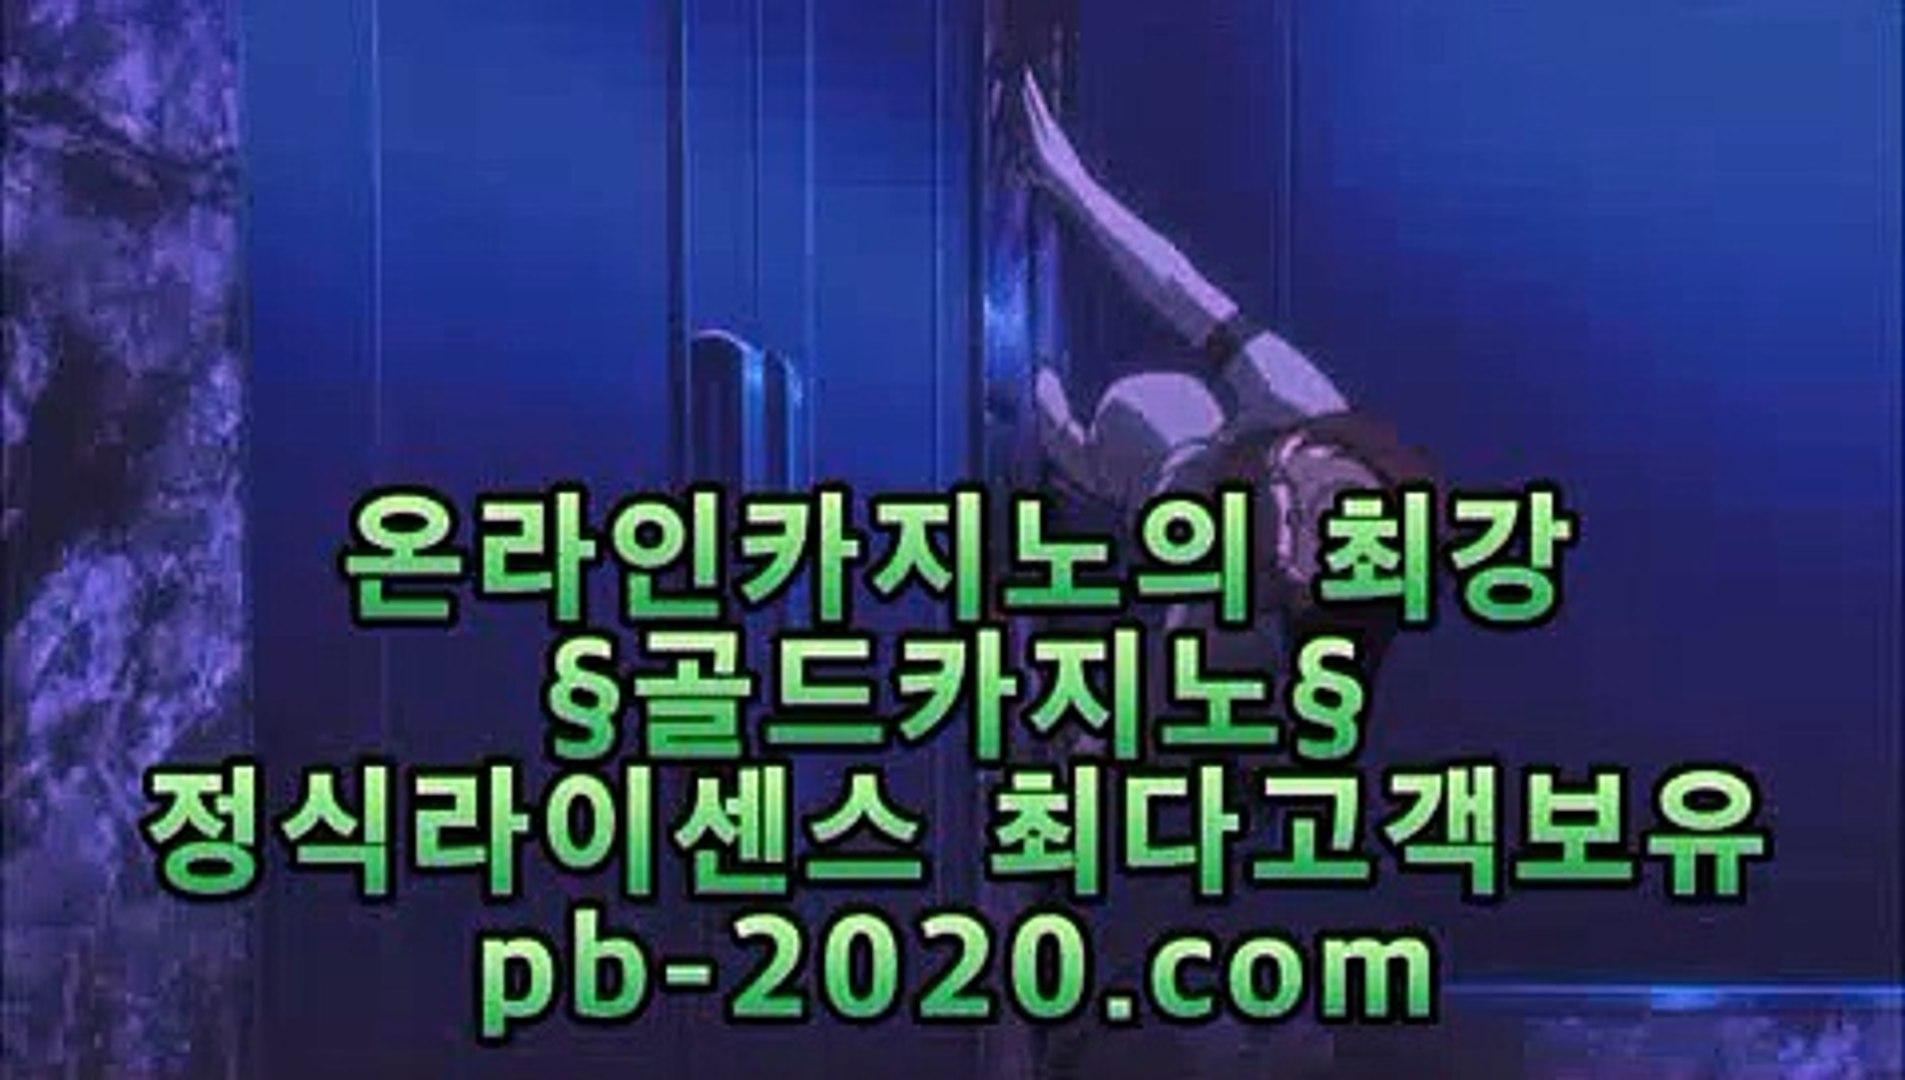 #월화드라마 midas9.com,pb-2020.com #성명준이란 유튜버가 pb-2020.com,midas9.com  #마닐라카지노,#실시간카지노,#라이브베팅 #온라인바카라,#라이